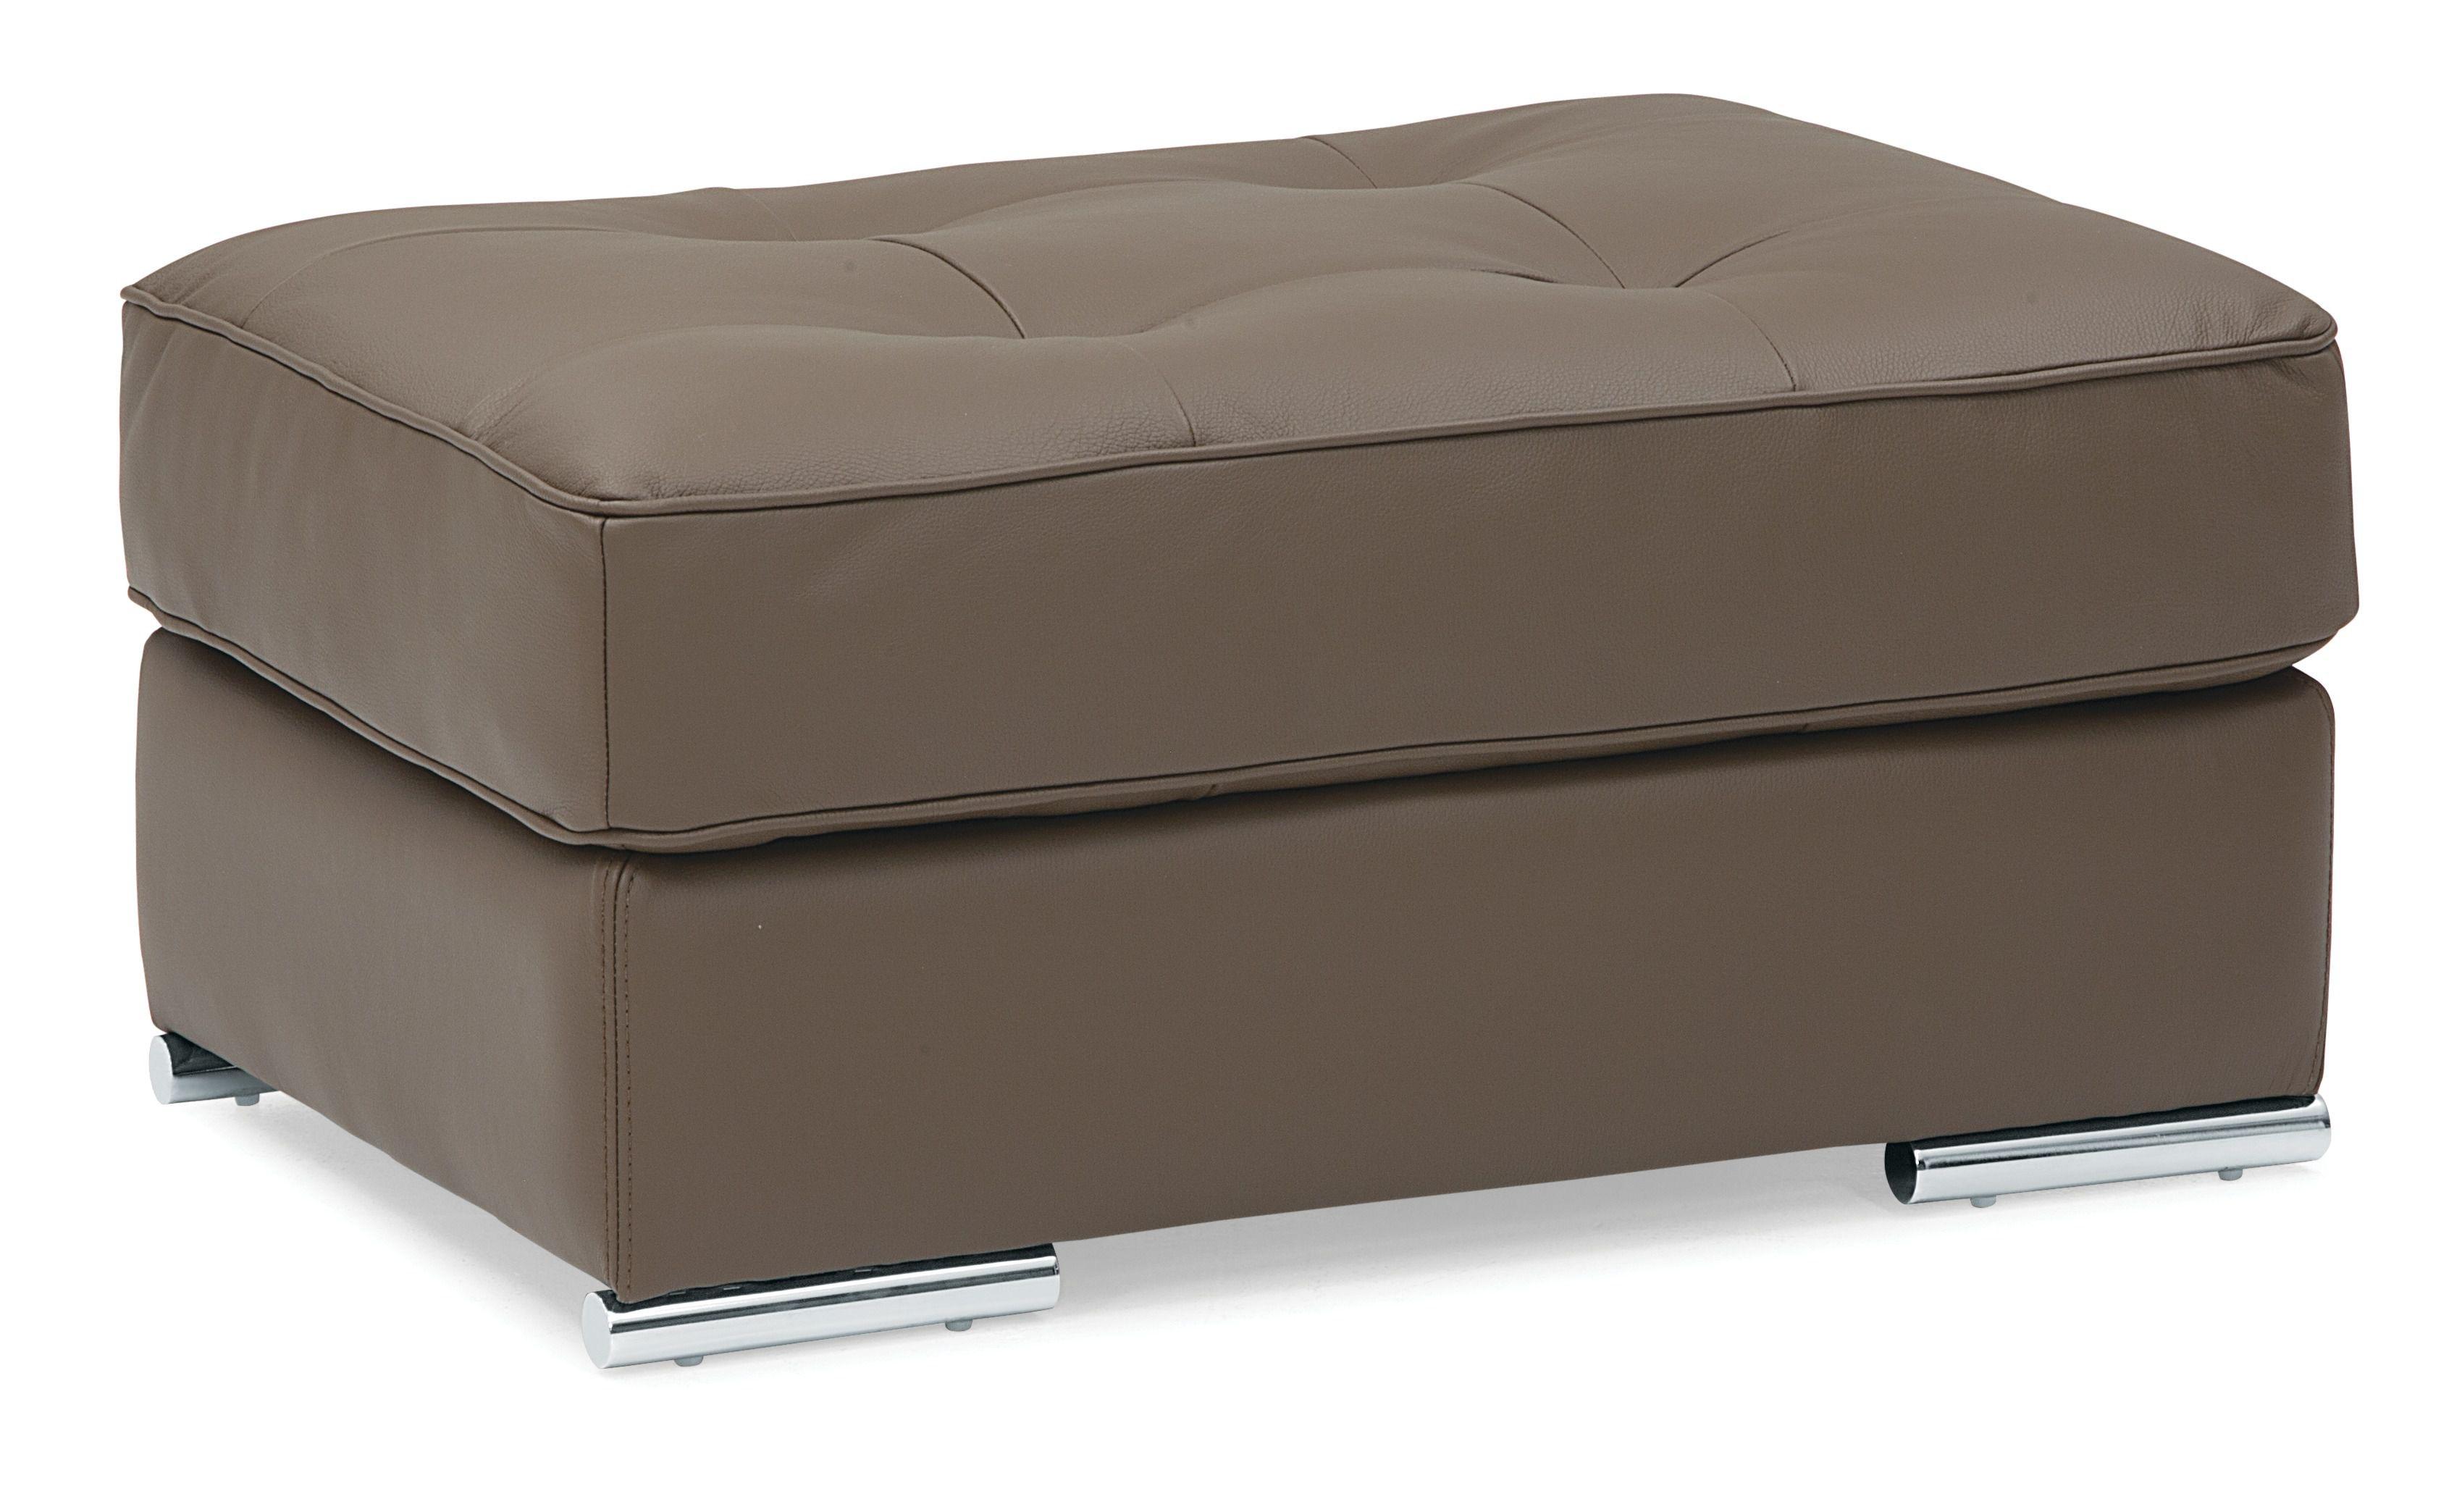 Palliser Furniture Ottoman 77615 04